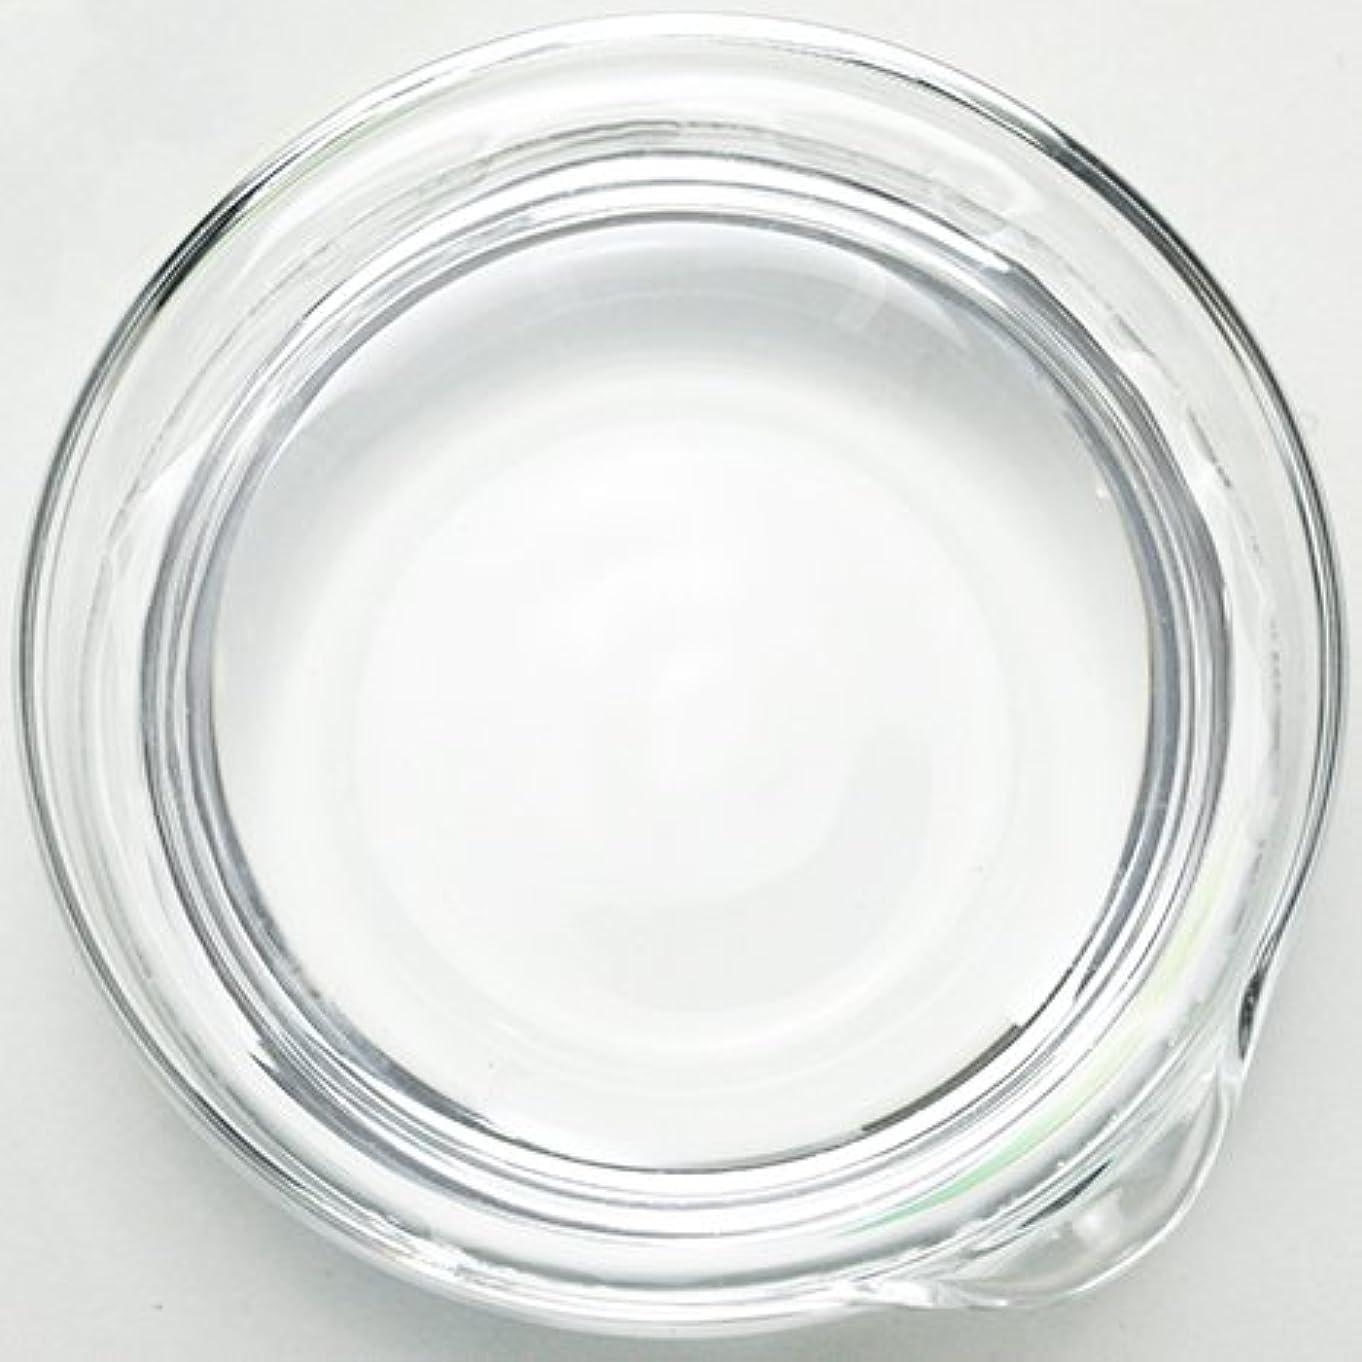 優越フィードバックキャッチ濃グリセリン[植物性] 50ml 【手作り石鹸/手作りコスメ】